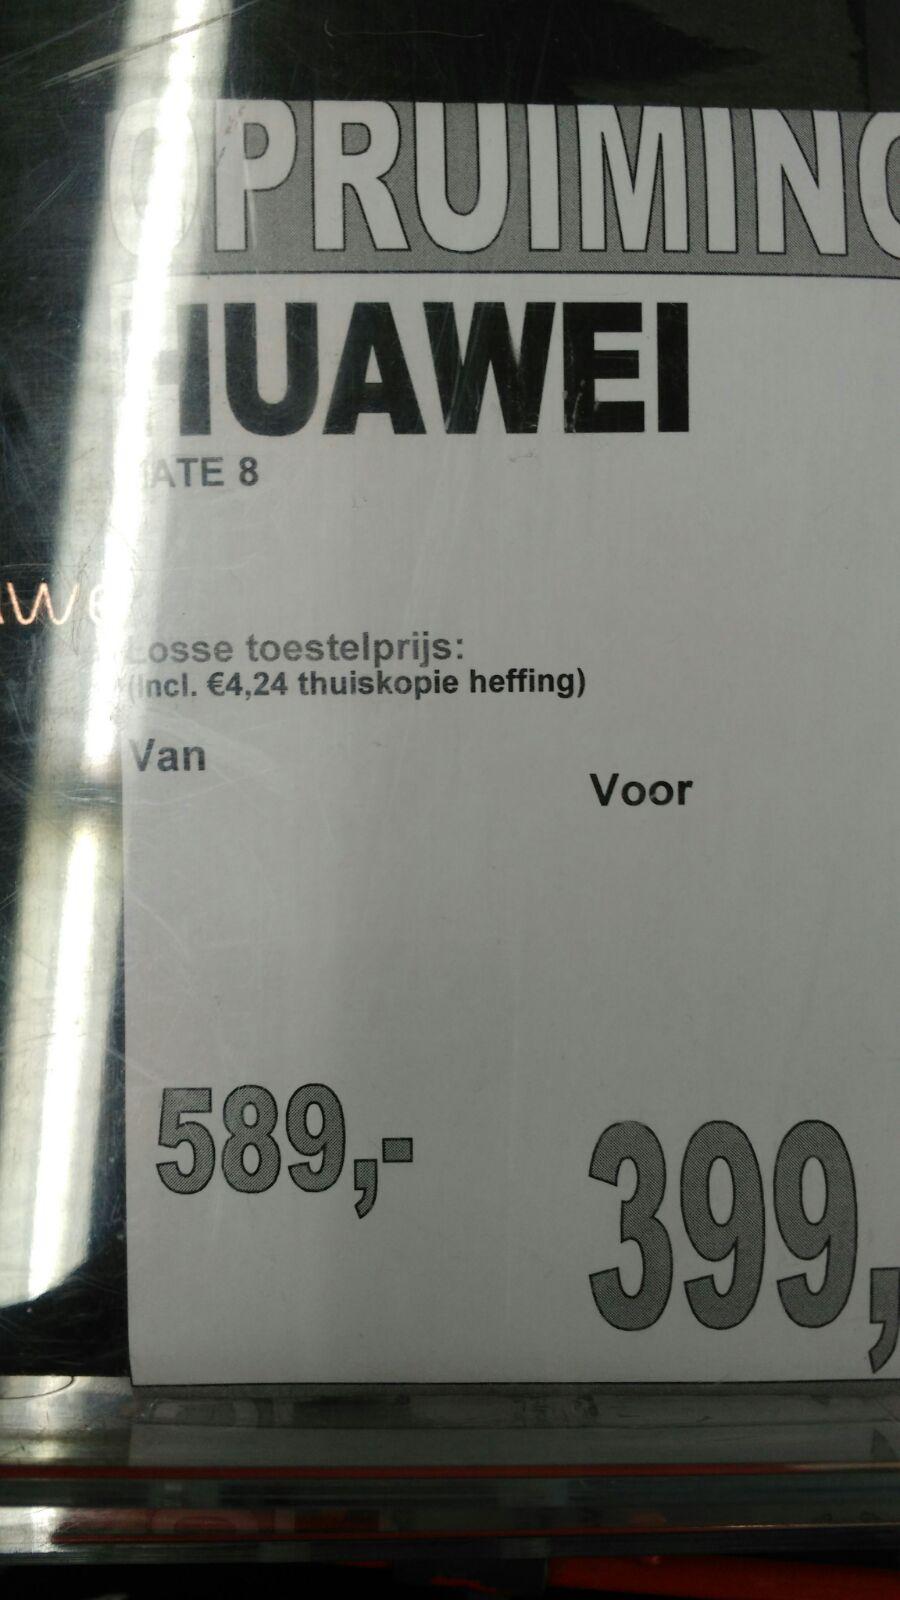 Huawei Mate 8 van €589 voor €399! @ MM Leeuwarden